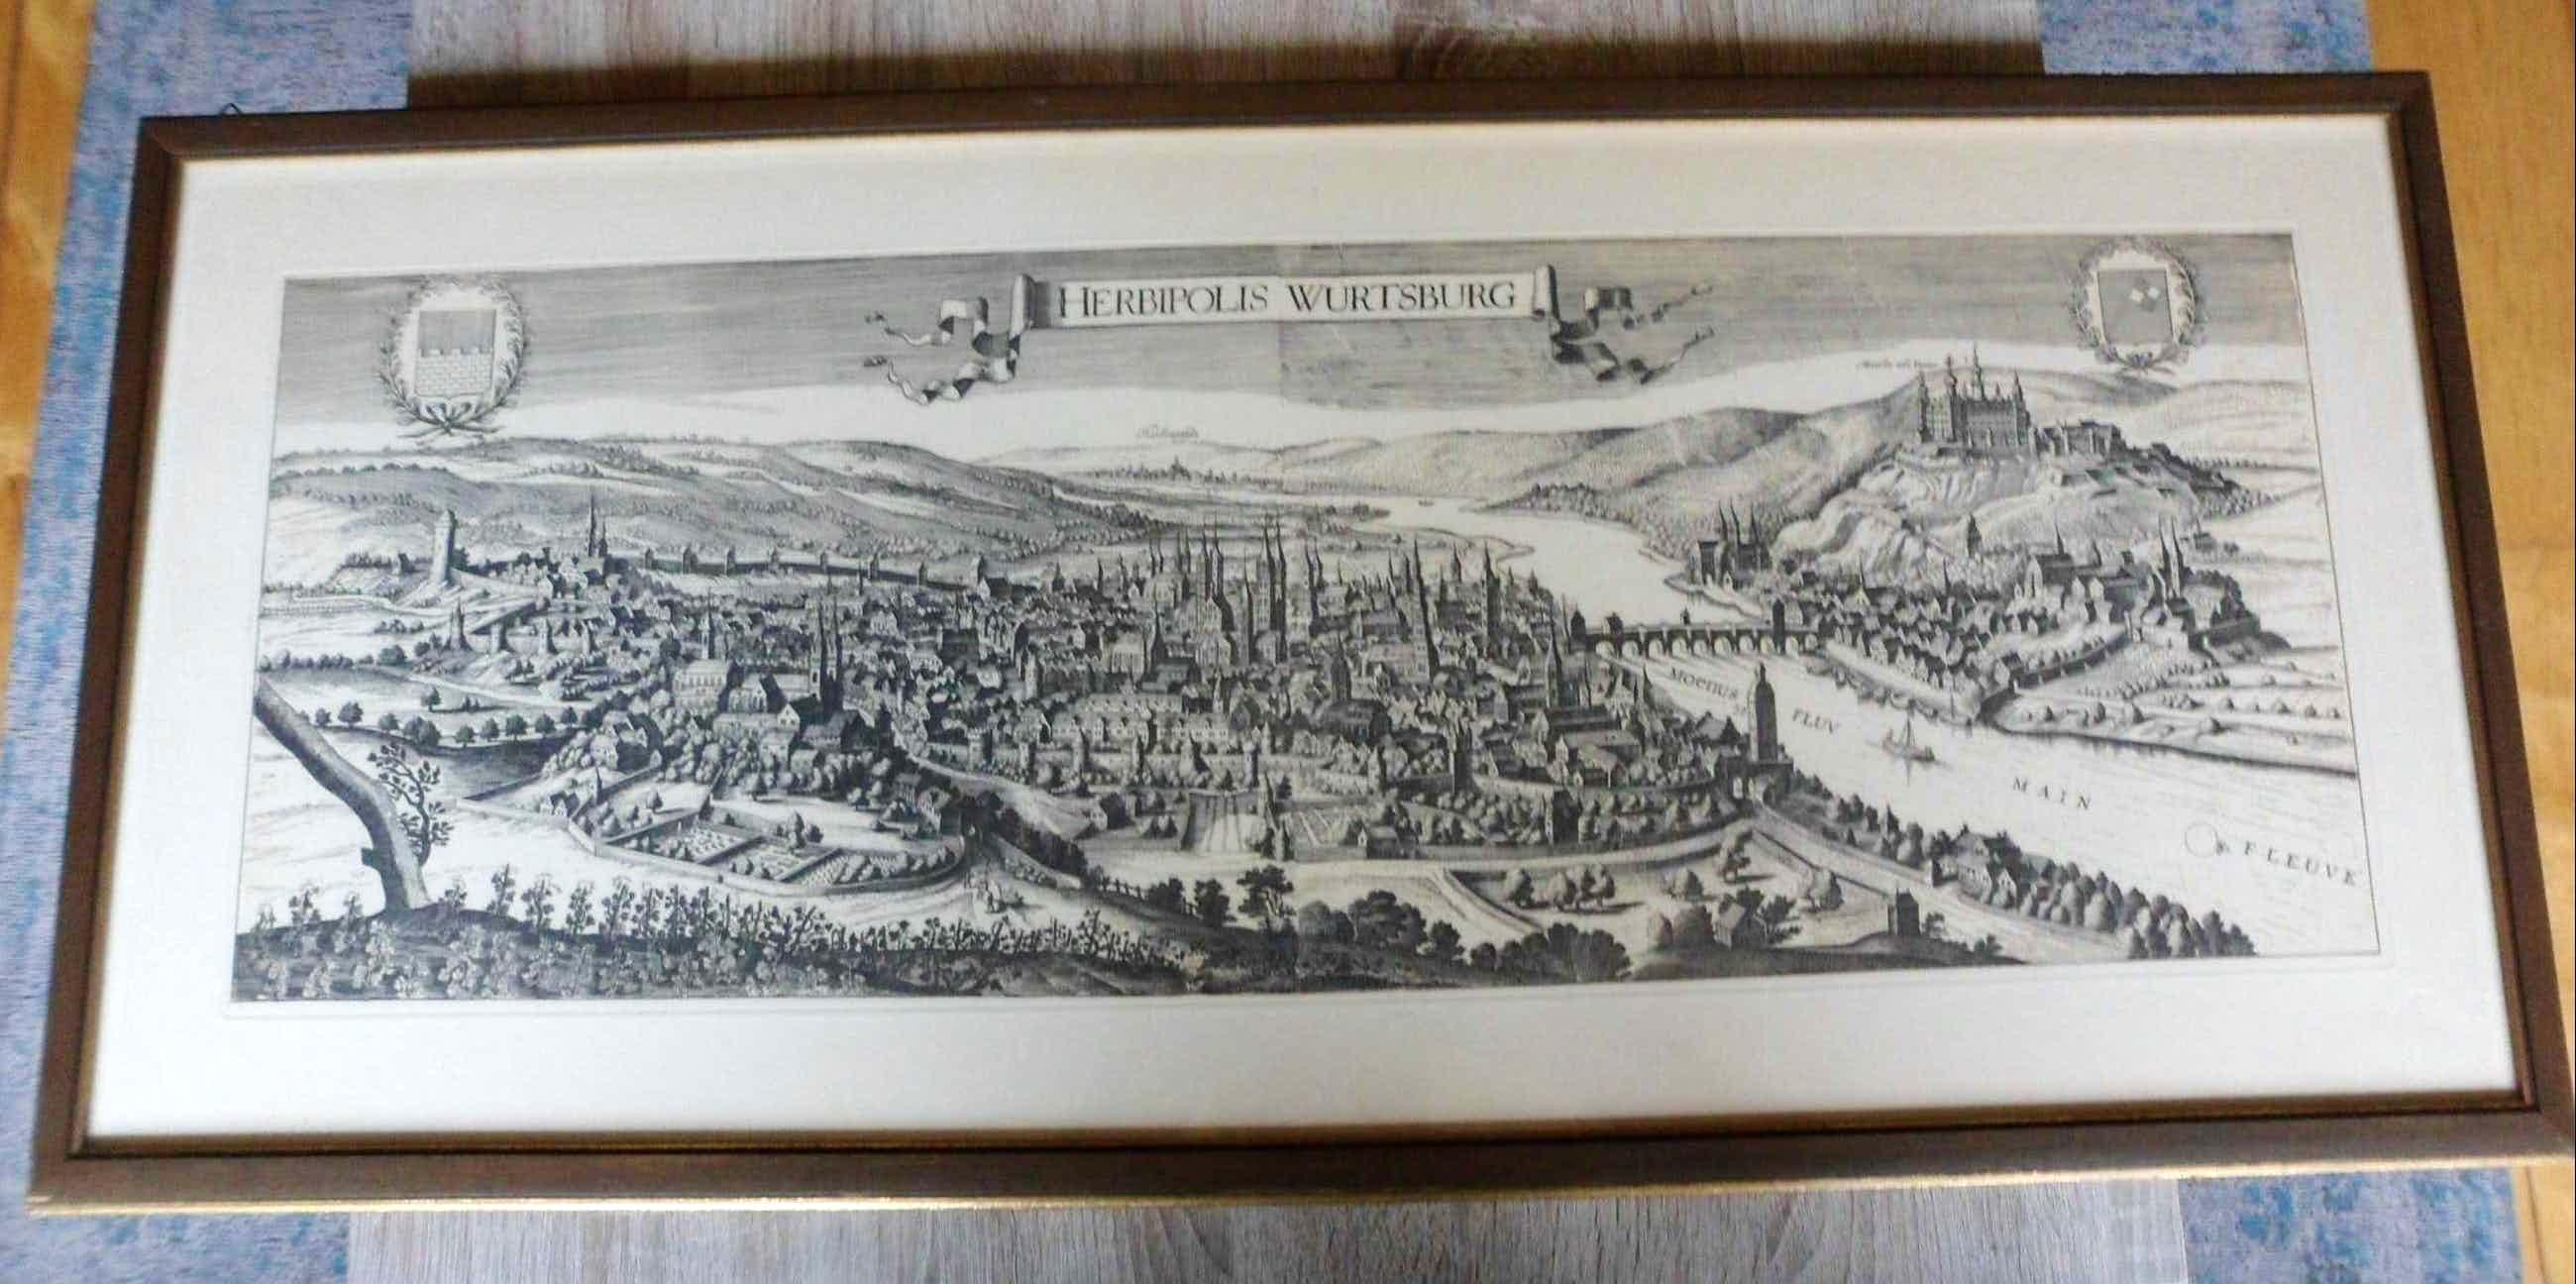 Niet of onleesbaar gesigneerd - Landkaart van Herbipolis - Wurtsburg kopen? Bied vanaf 1!